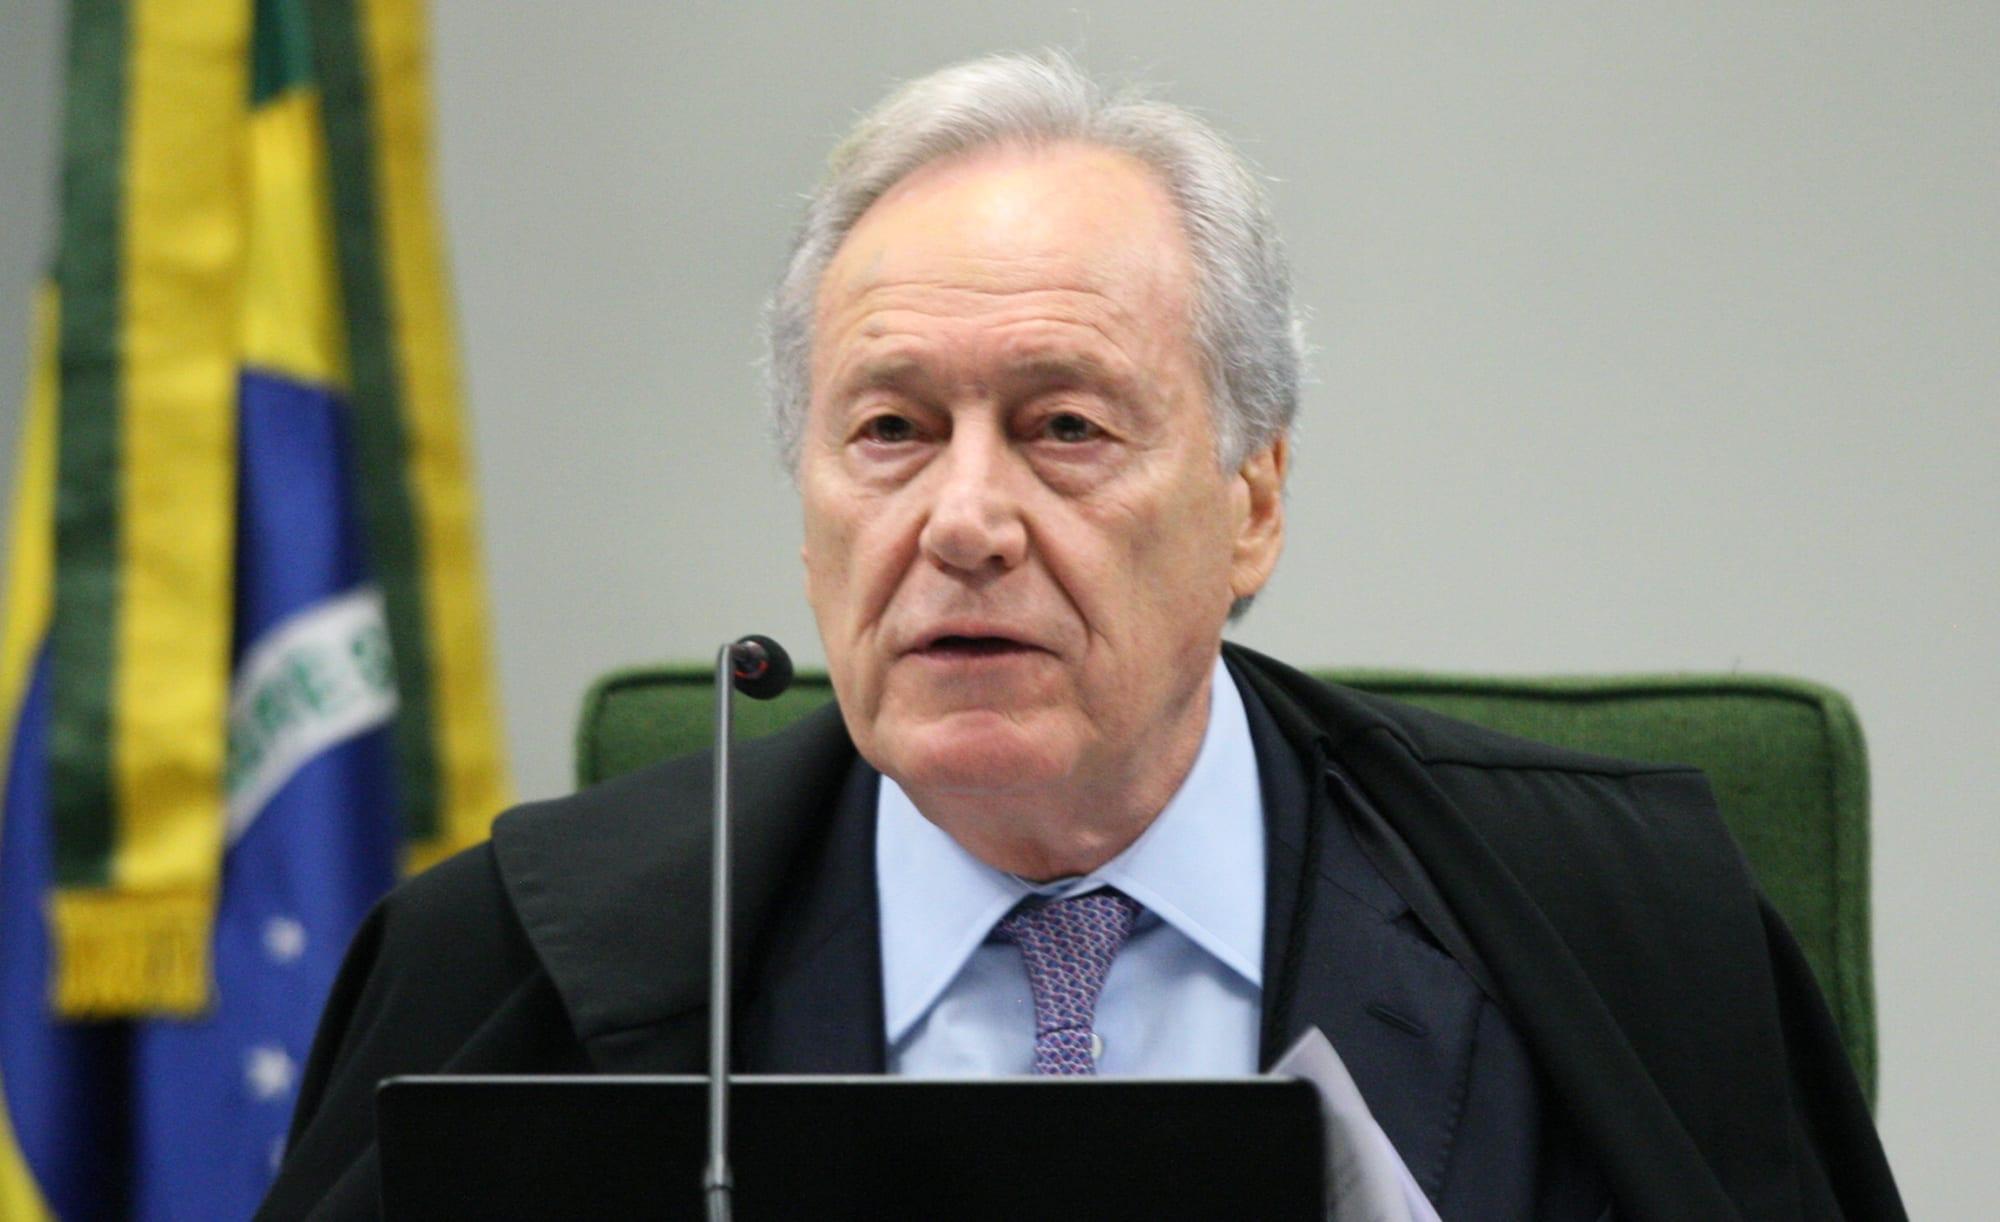 Ministro Ricardo Lewandowski preside sessão da 2ª turma do STF / Crédito: Nelson Jr./SCO/STF